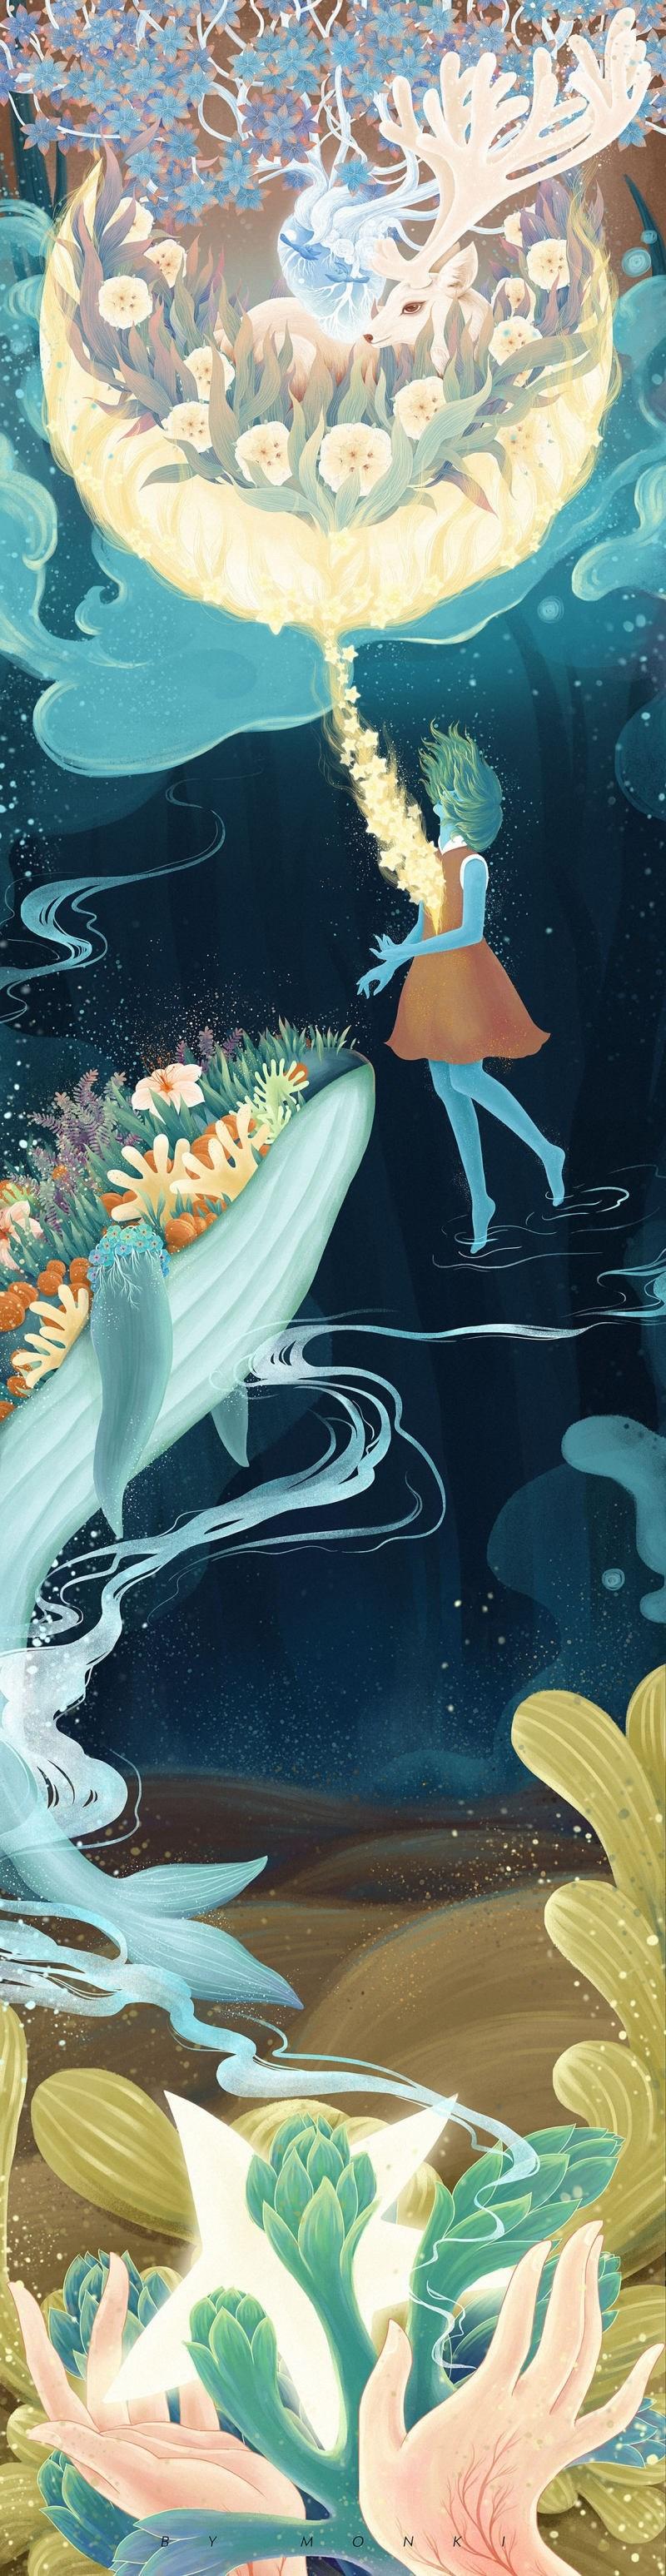 《星梦,你的故事》之《明镜》长篇插画欣赏